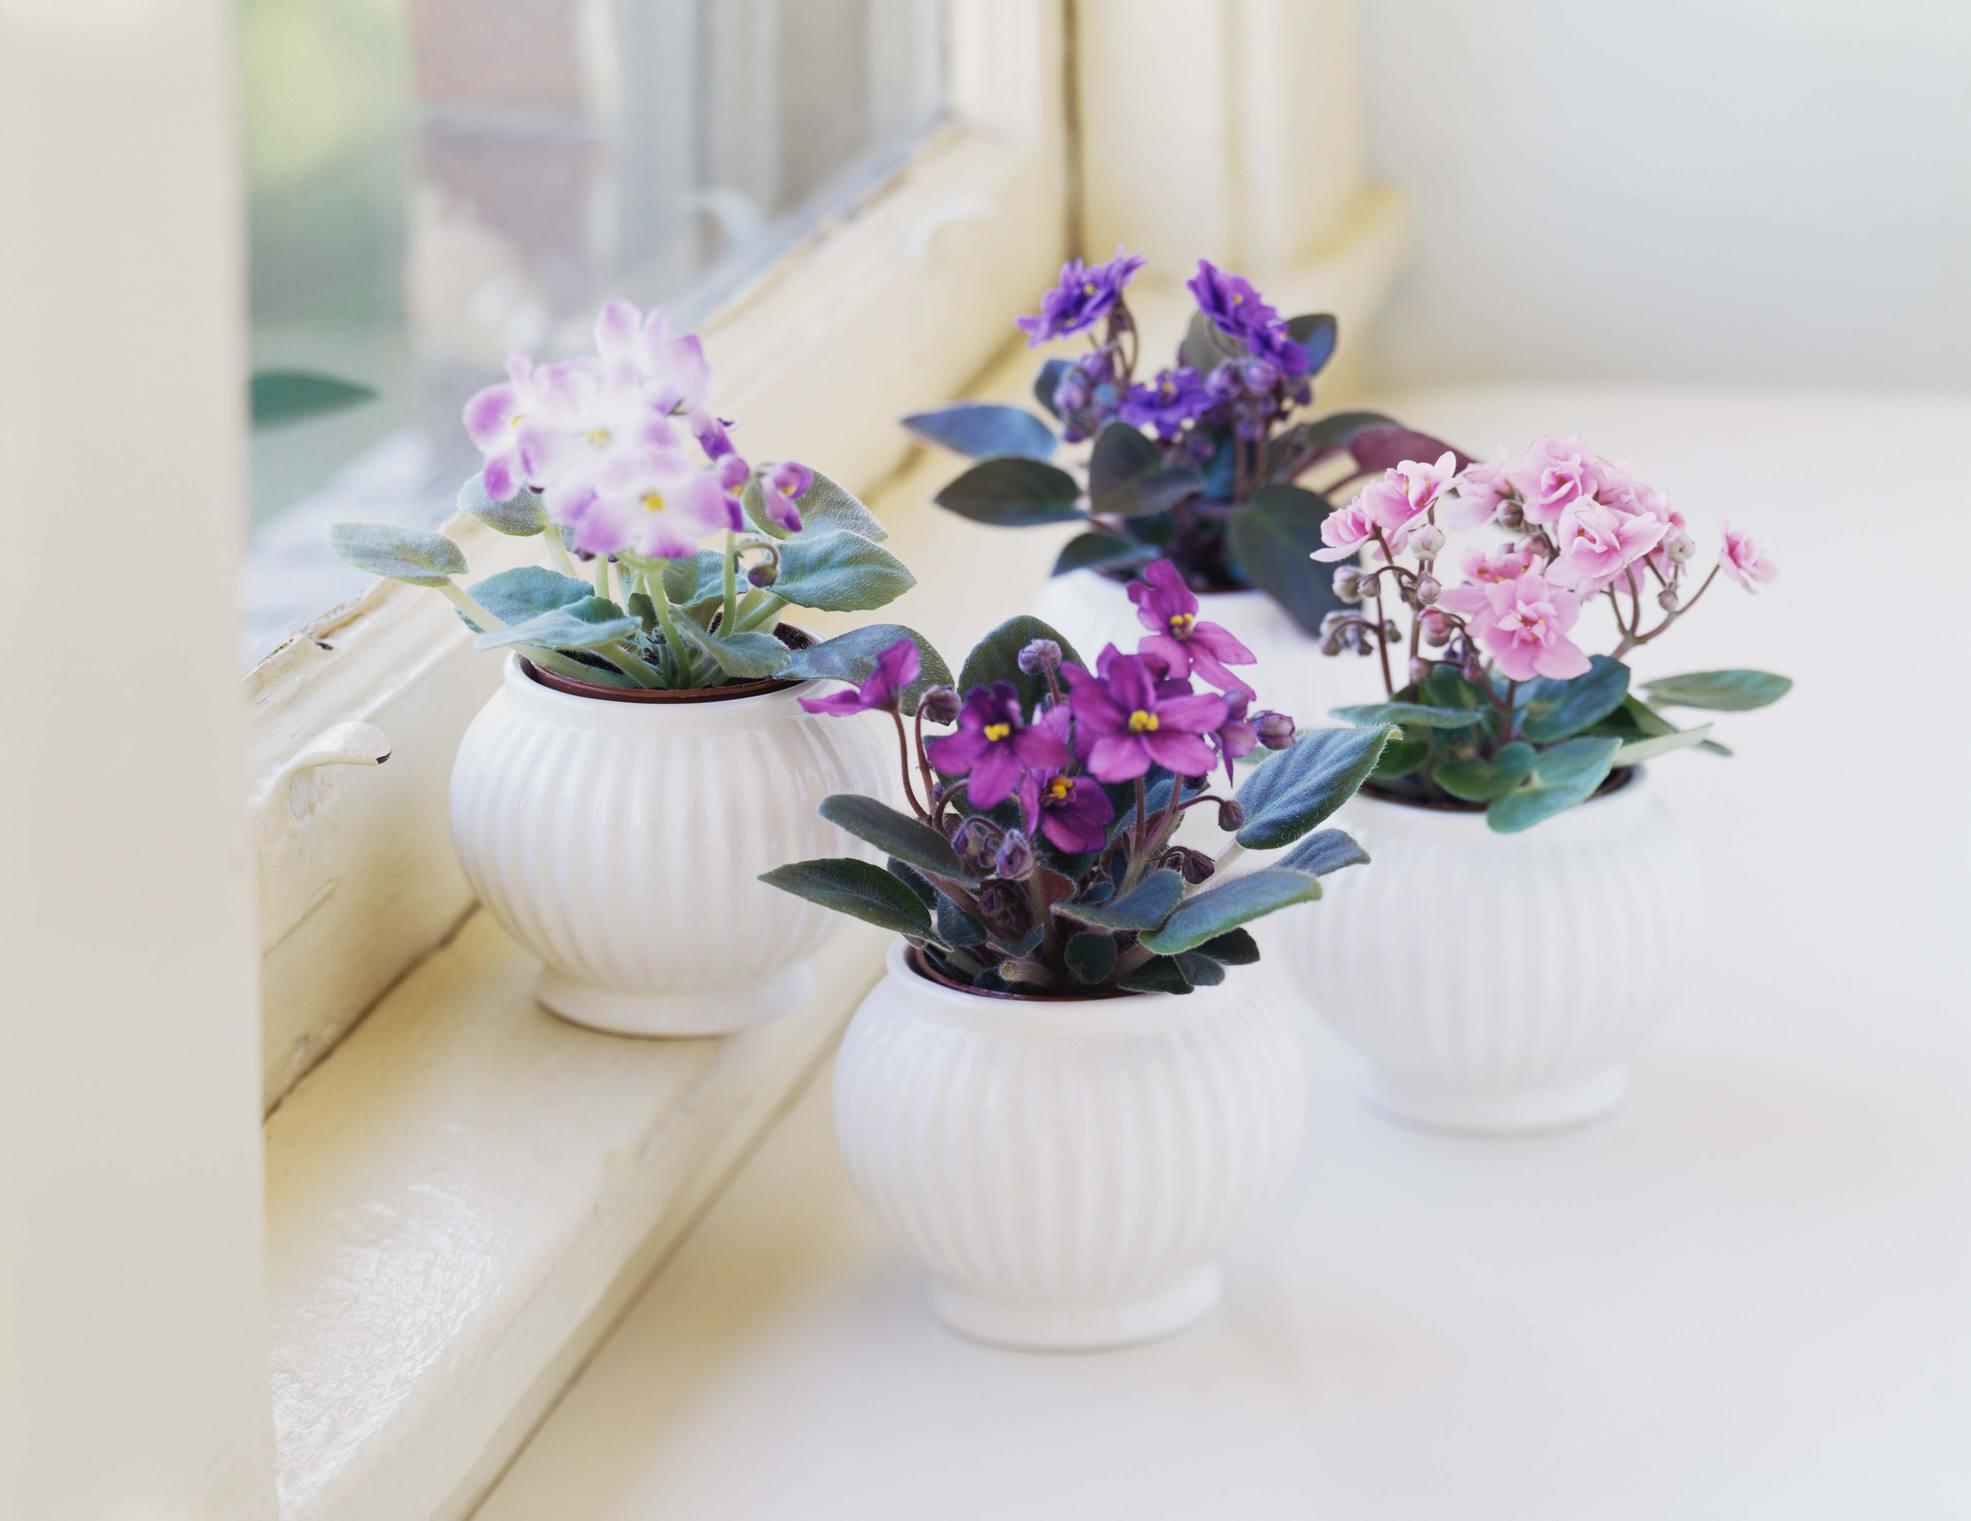 Top 8 Easy Care Flowering Houseplants